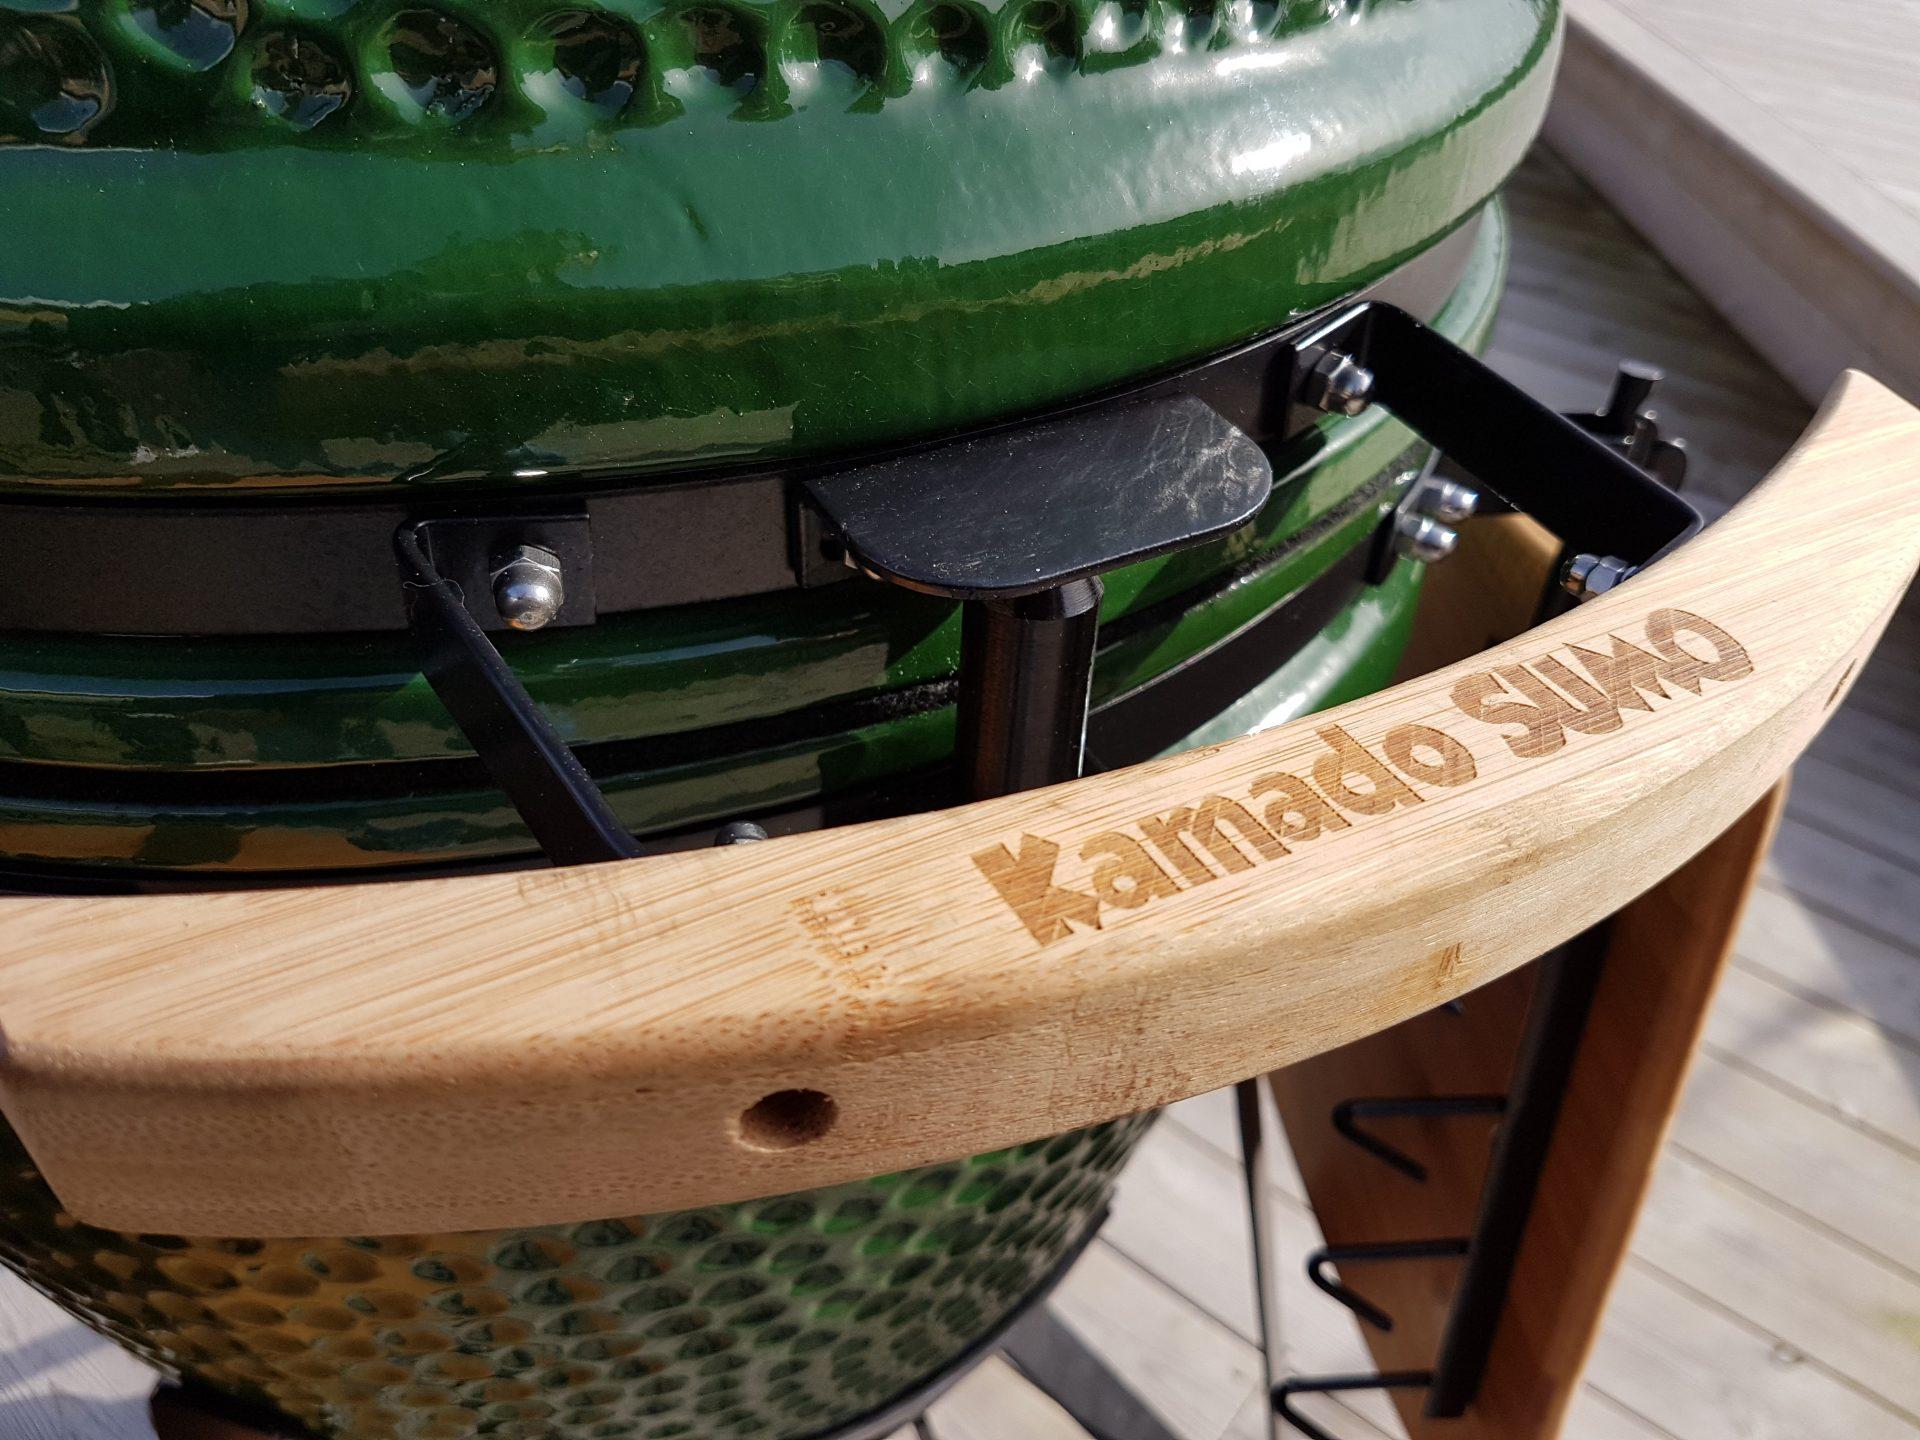 Greppvänligt handtag i bambu